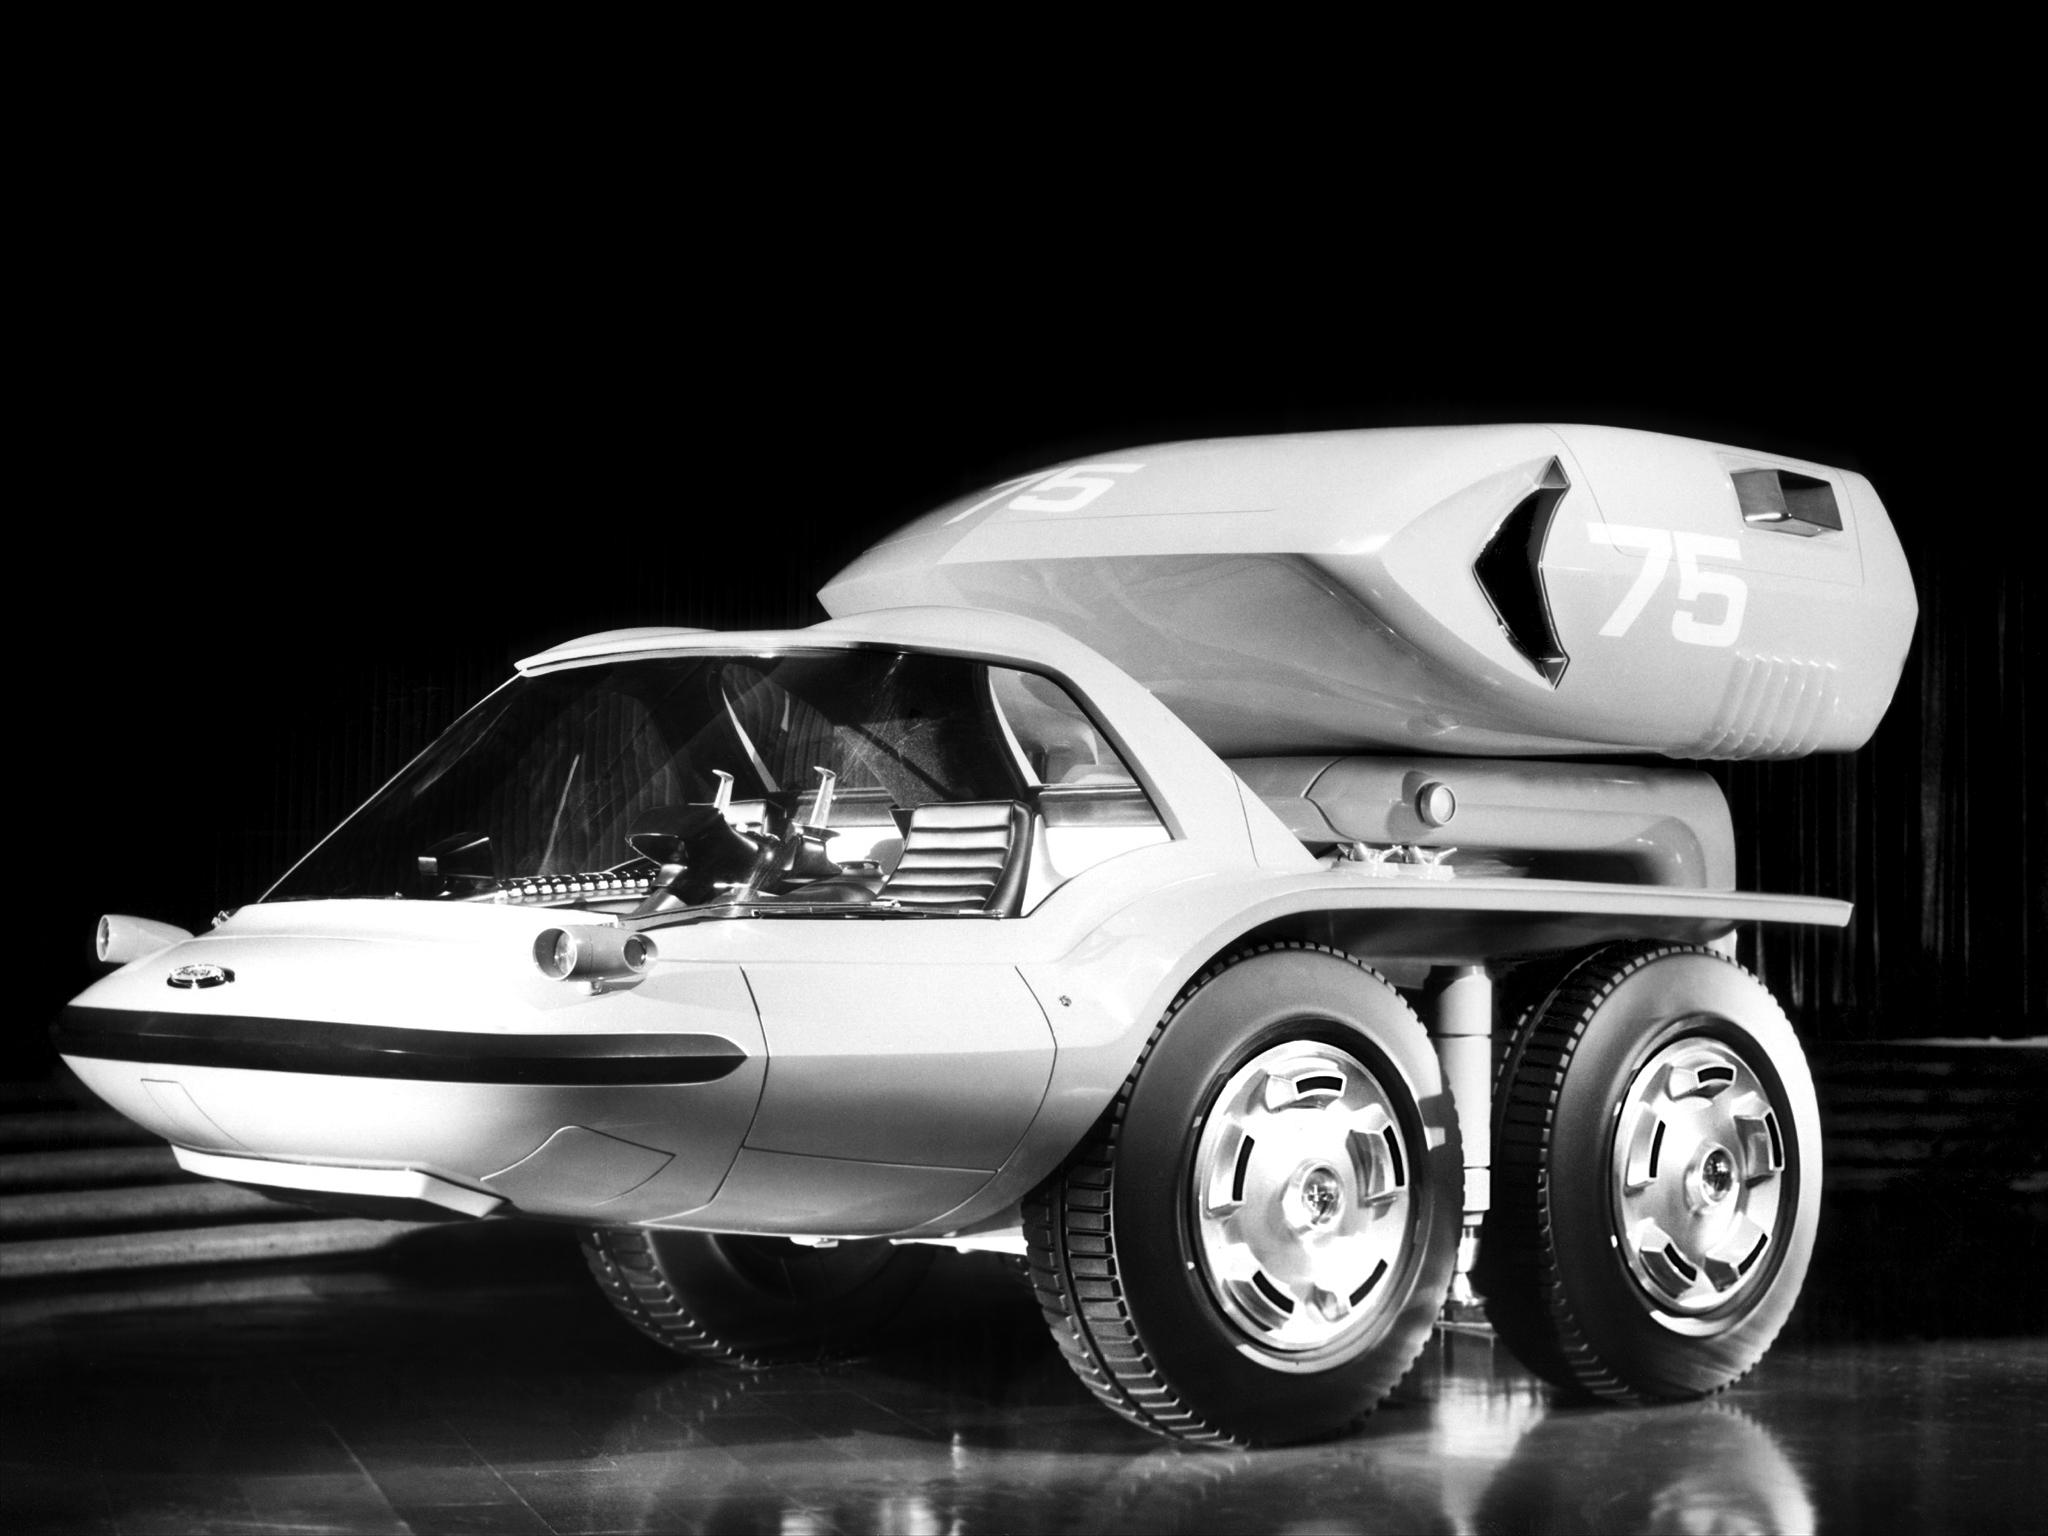 Verdensmessen i New York i 1964 huskes mest for introduksjonen av Ford Mustang, men GM viste også sin Bison med gassturbinmotor. Trucken var visstnok ikke kjørbar.